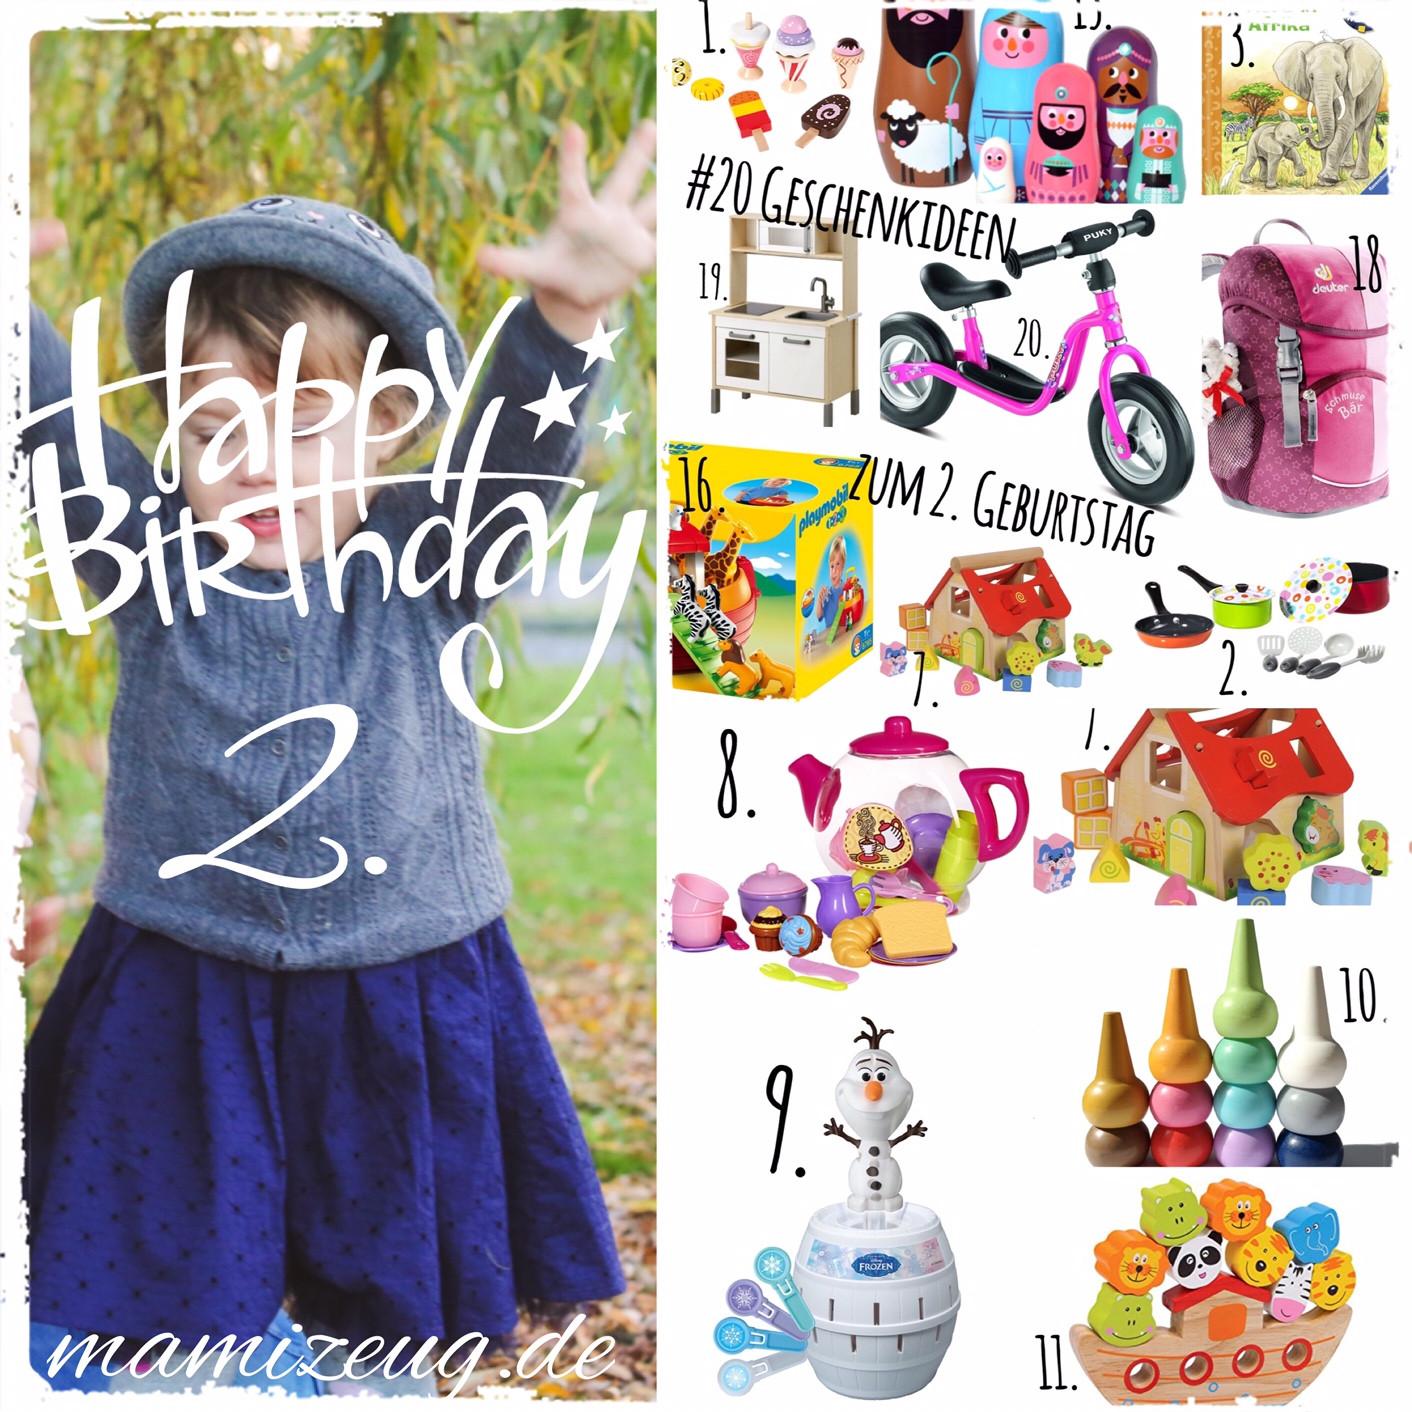 Geschenke Zum 2 Geburtstag  Die Top 20 Geschenke zum 2 Geburtstag mamizeug